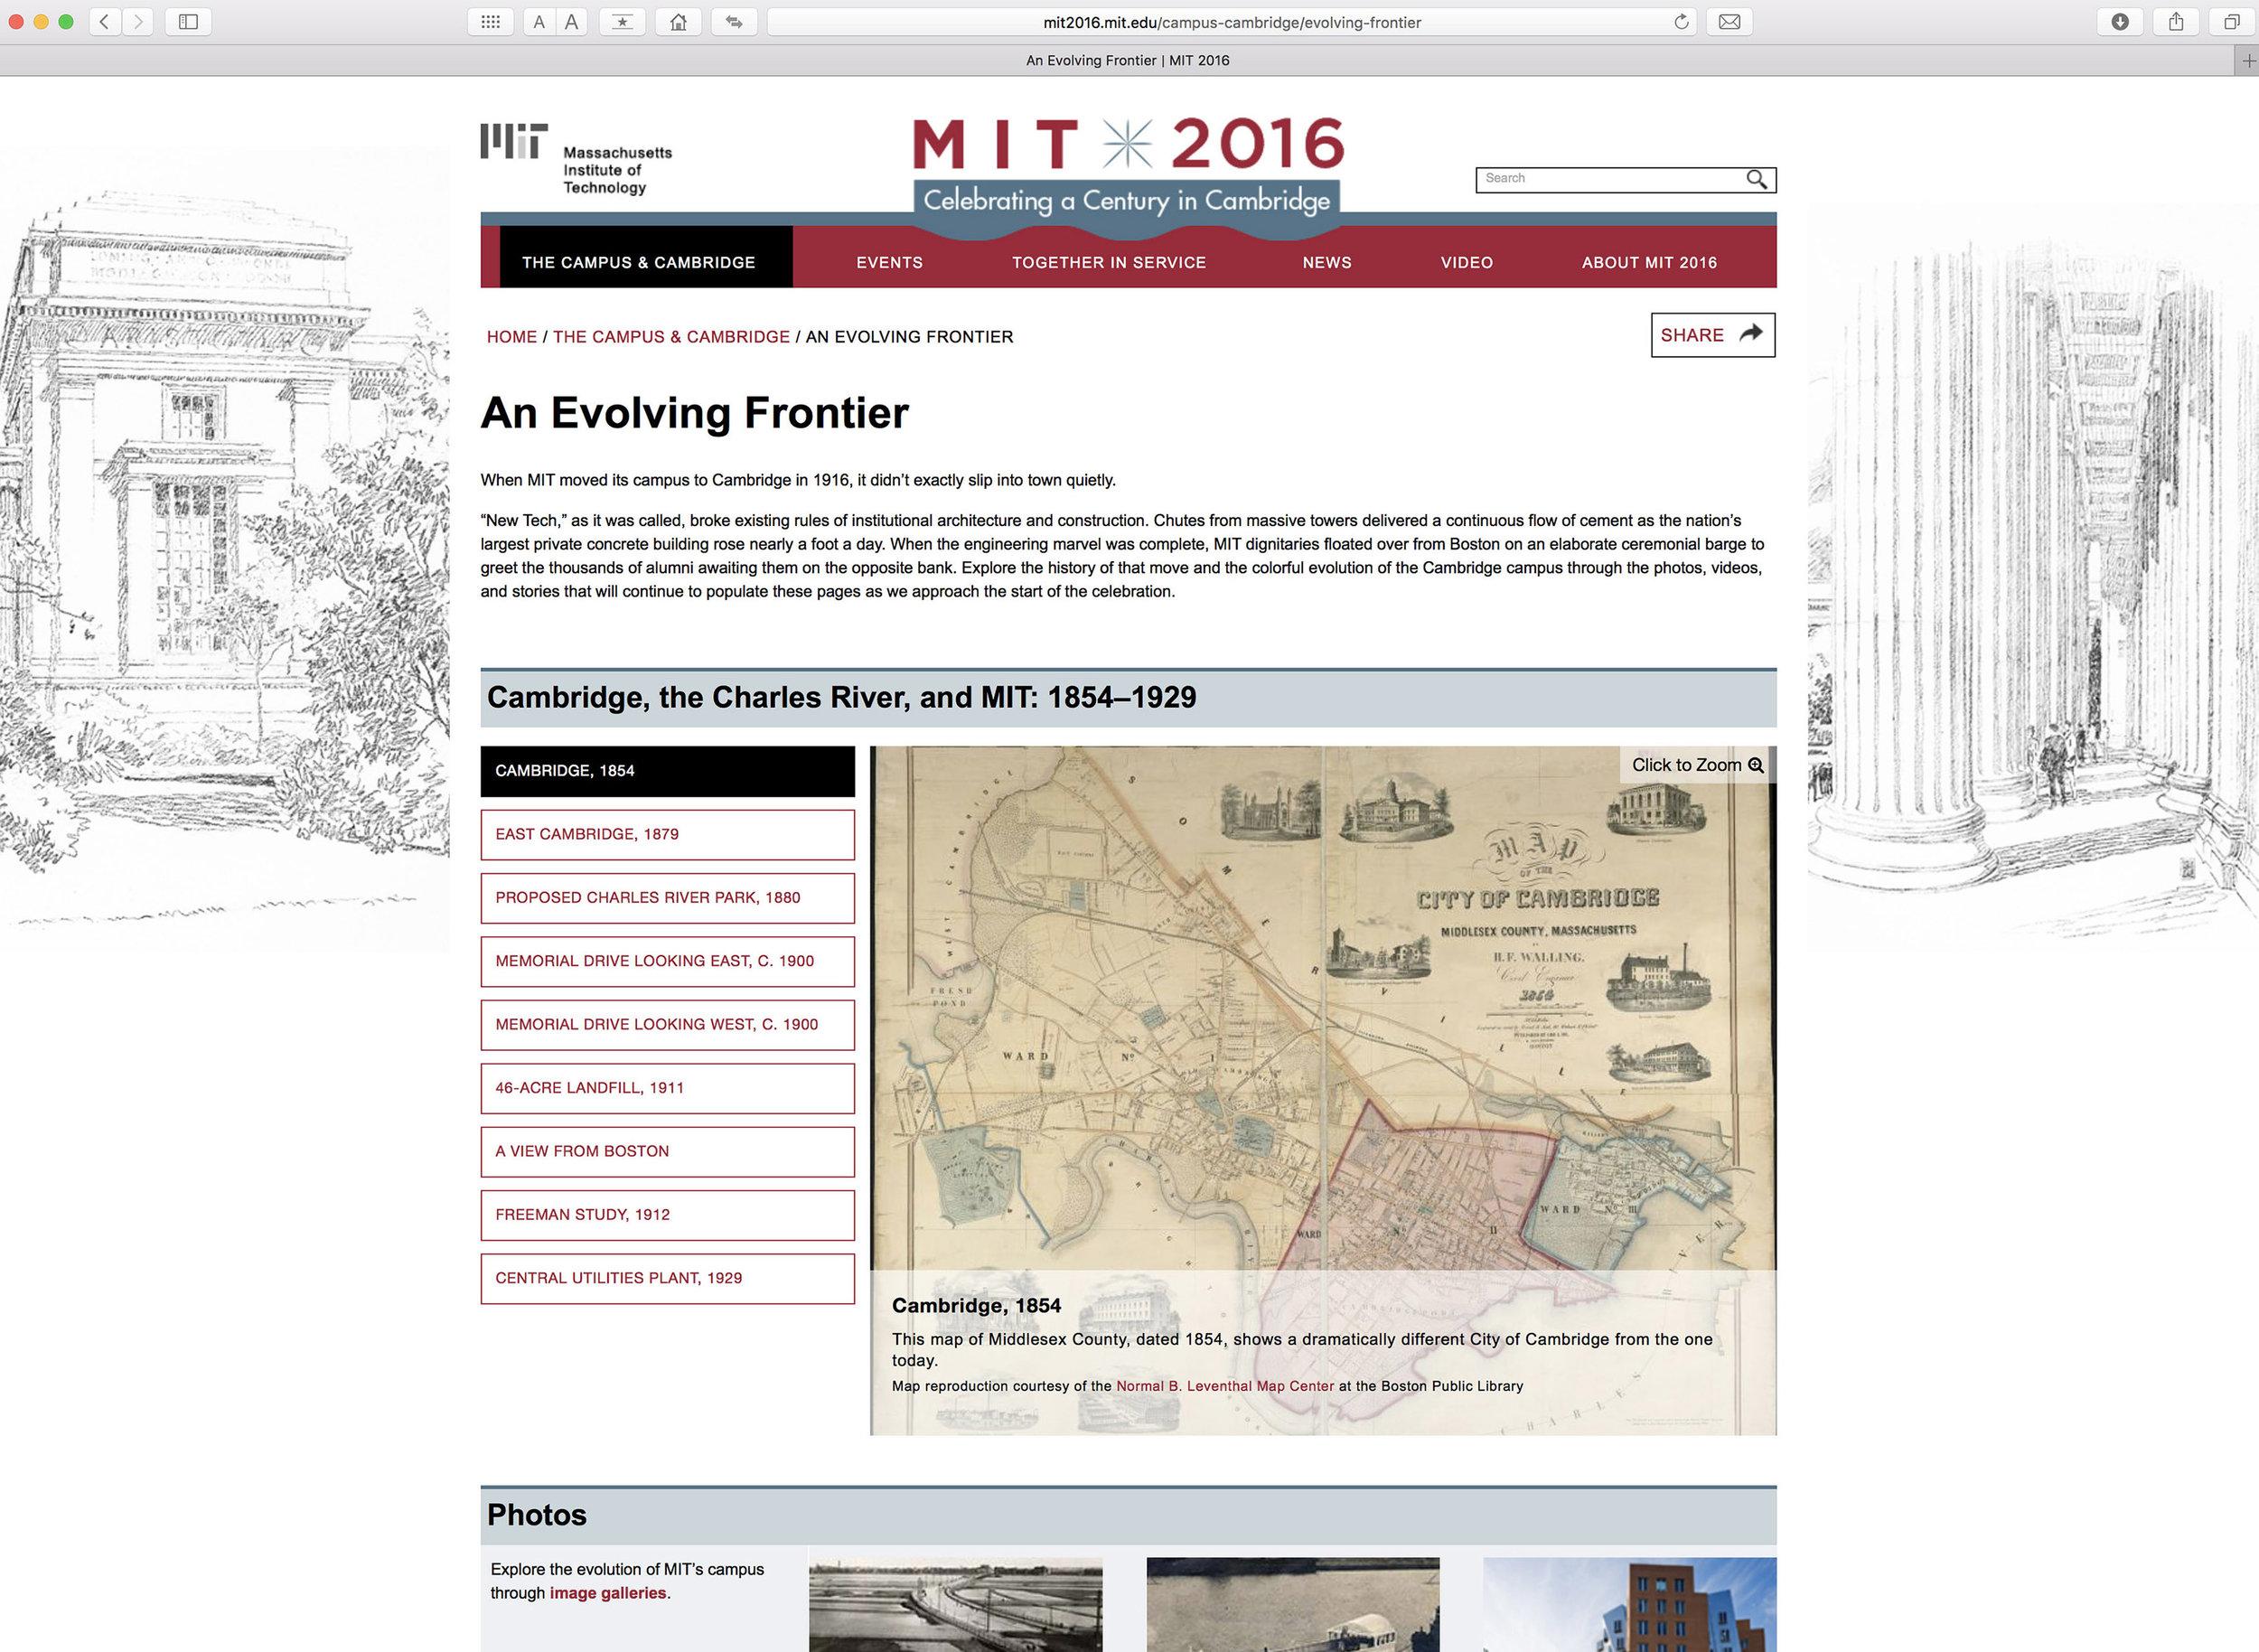 MIT 2016 website, 2nd level page